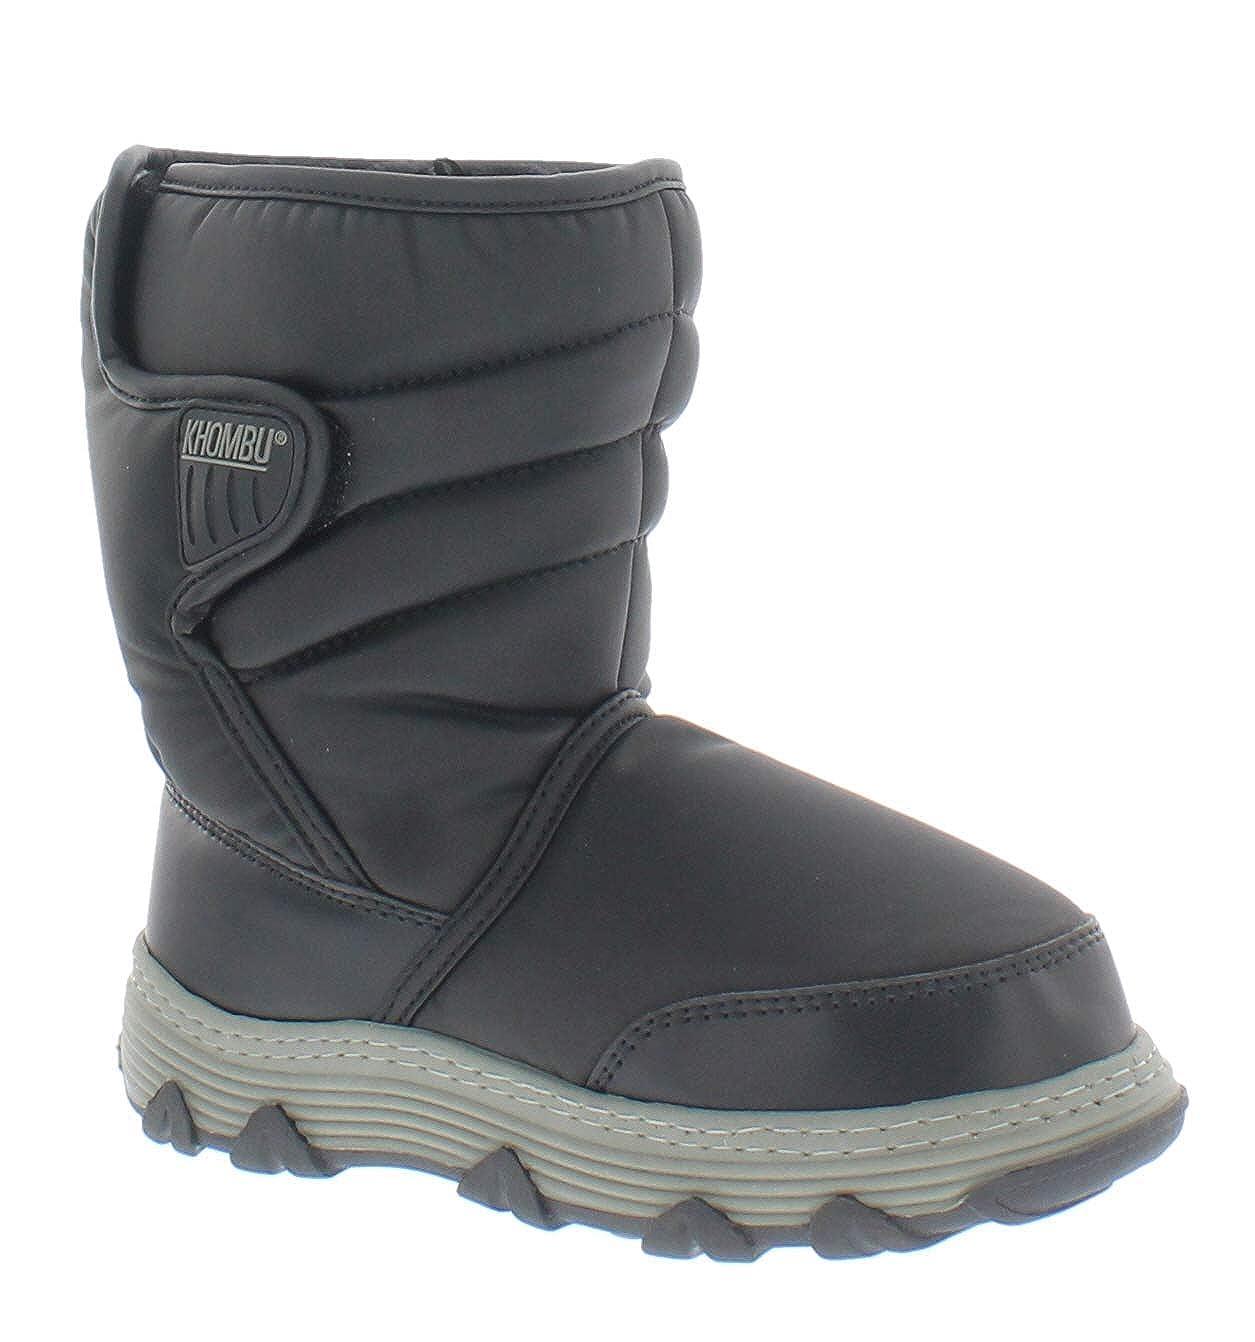 Khombu Boys Jiminy Boots Black 2 /& Knit Cap Bundle